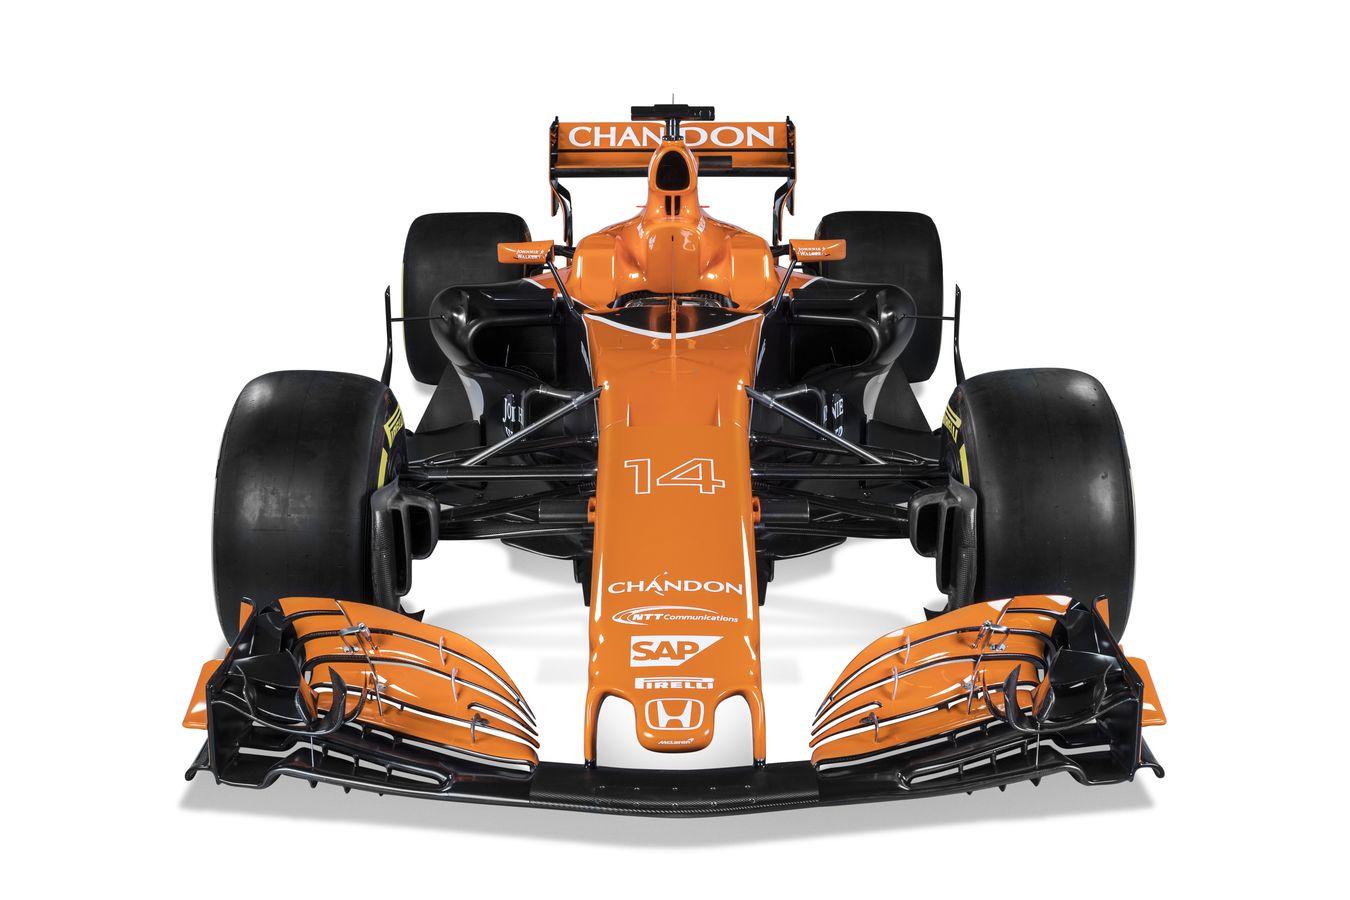 mclaren formula 1 - mclaren honda mcl32 breaks cover